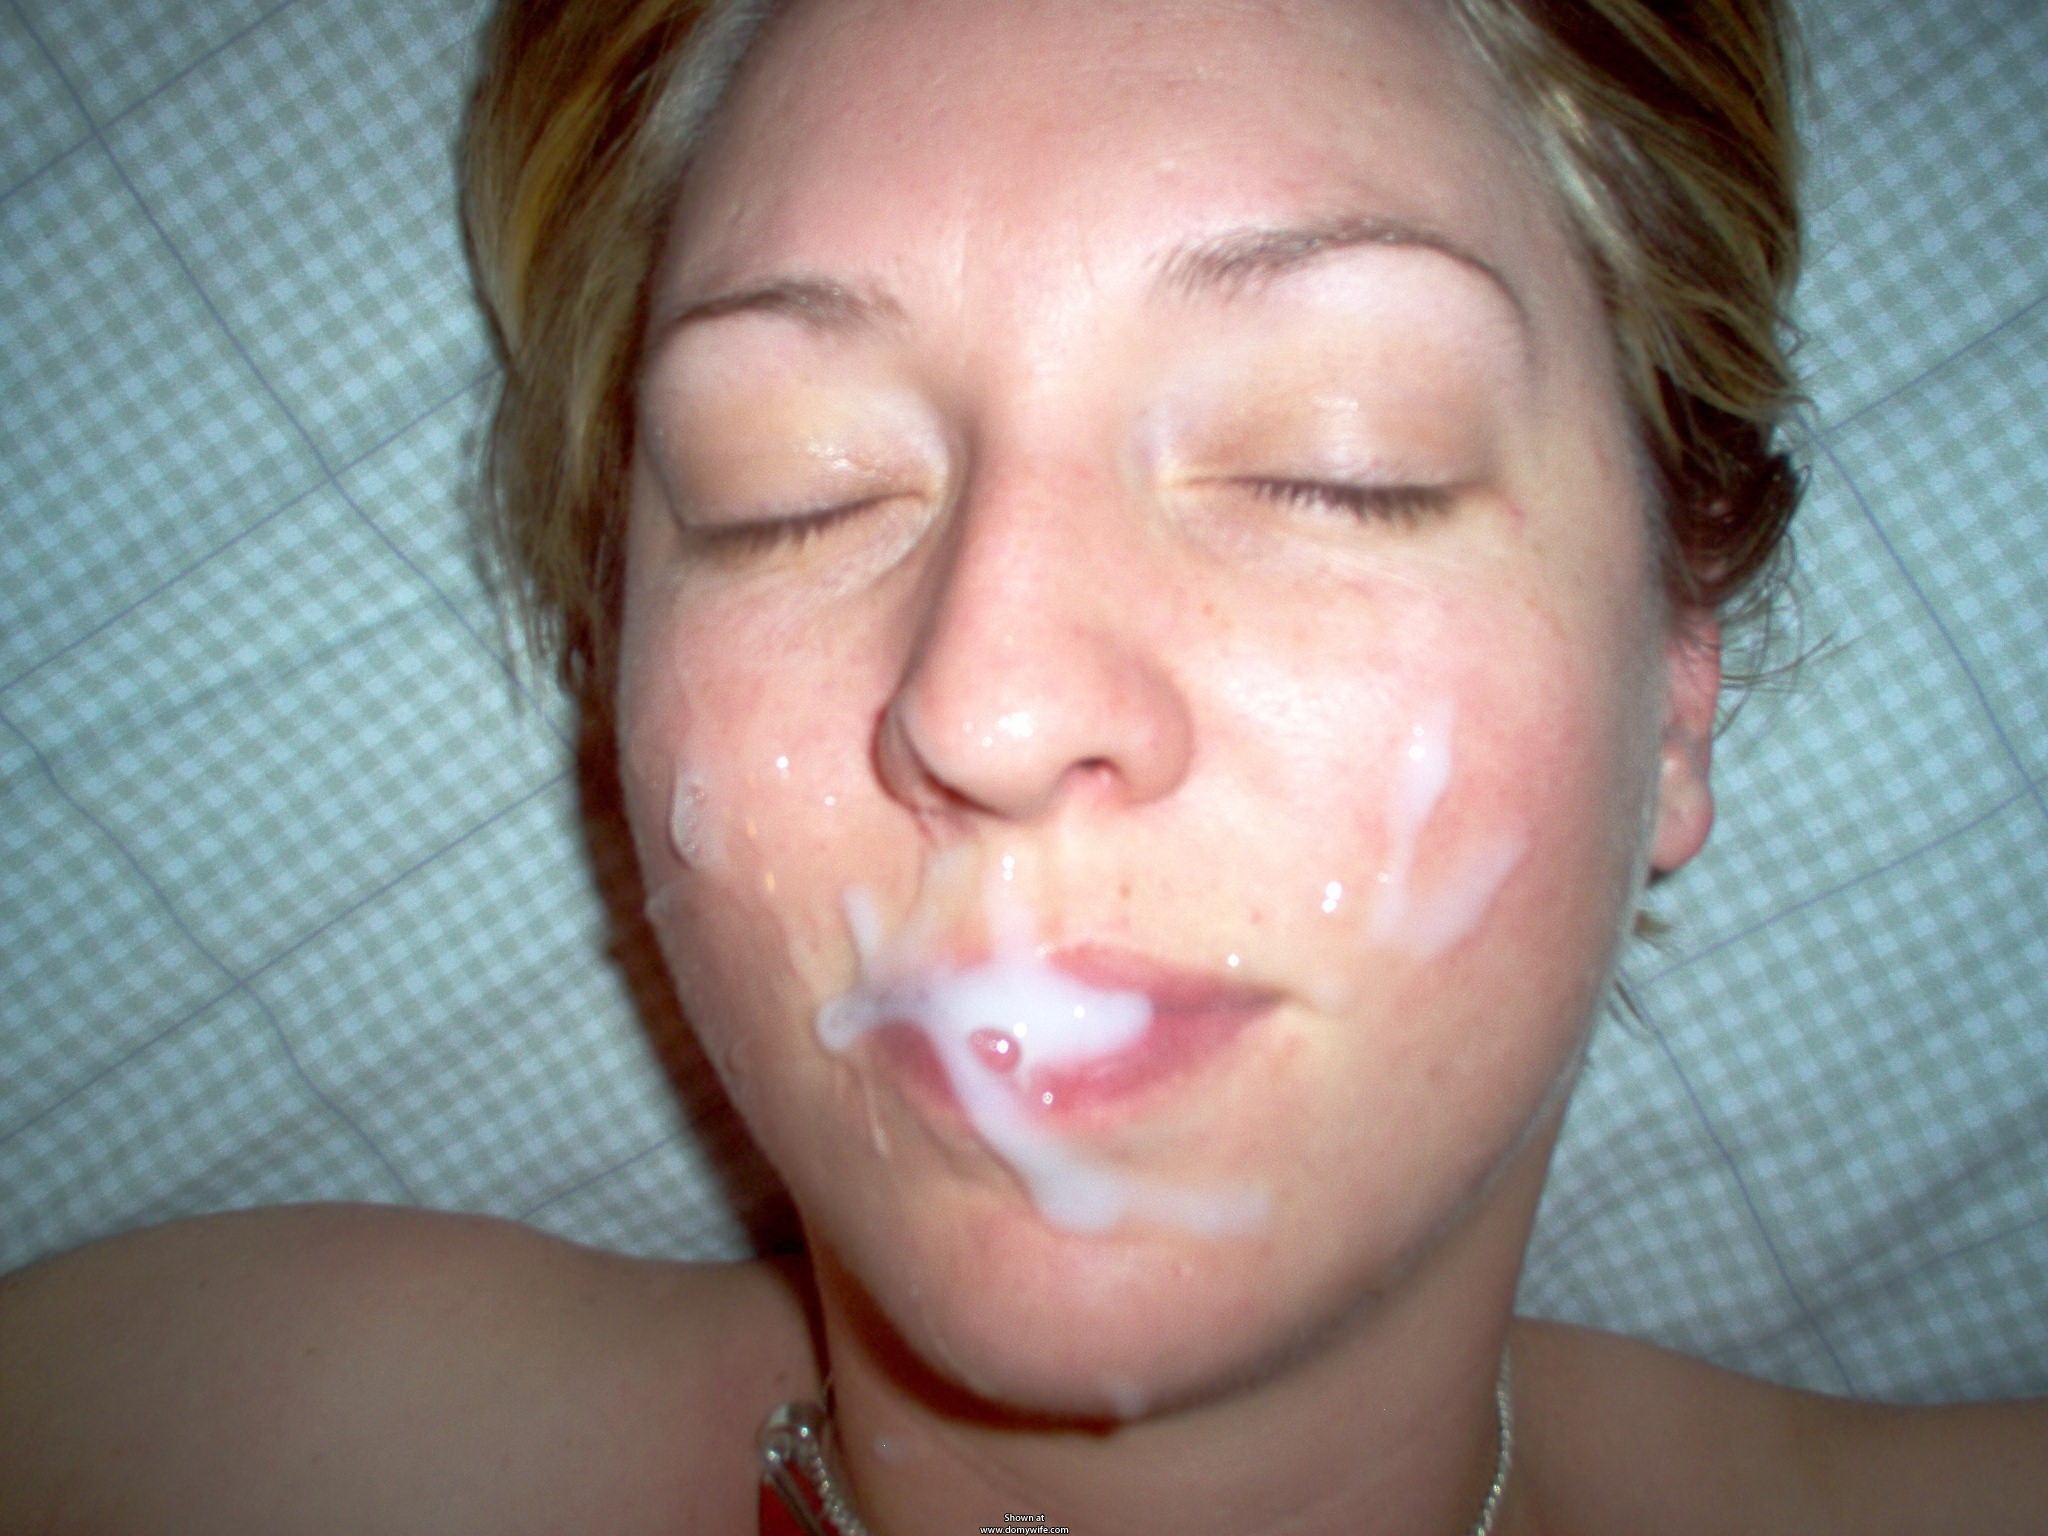 Сперма на лице девушек на телефон, Сперма смотреть - Кончают на лицо, порно камшоты 6 фотография